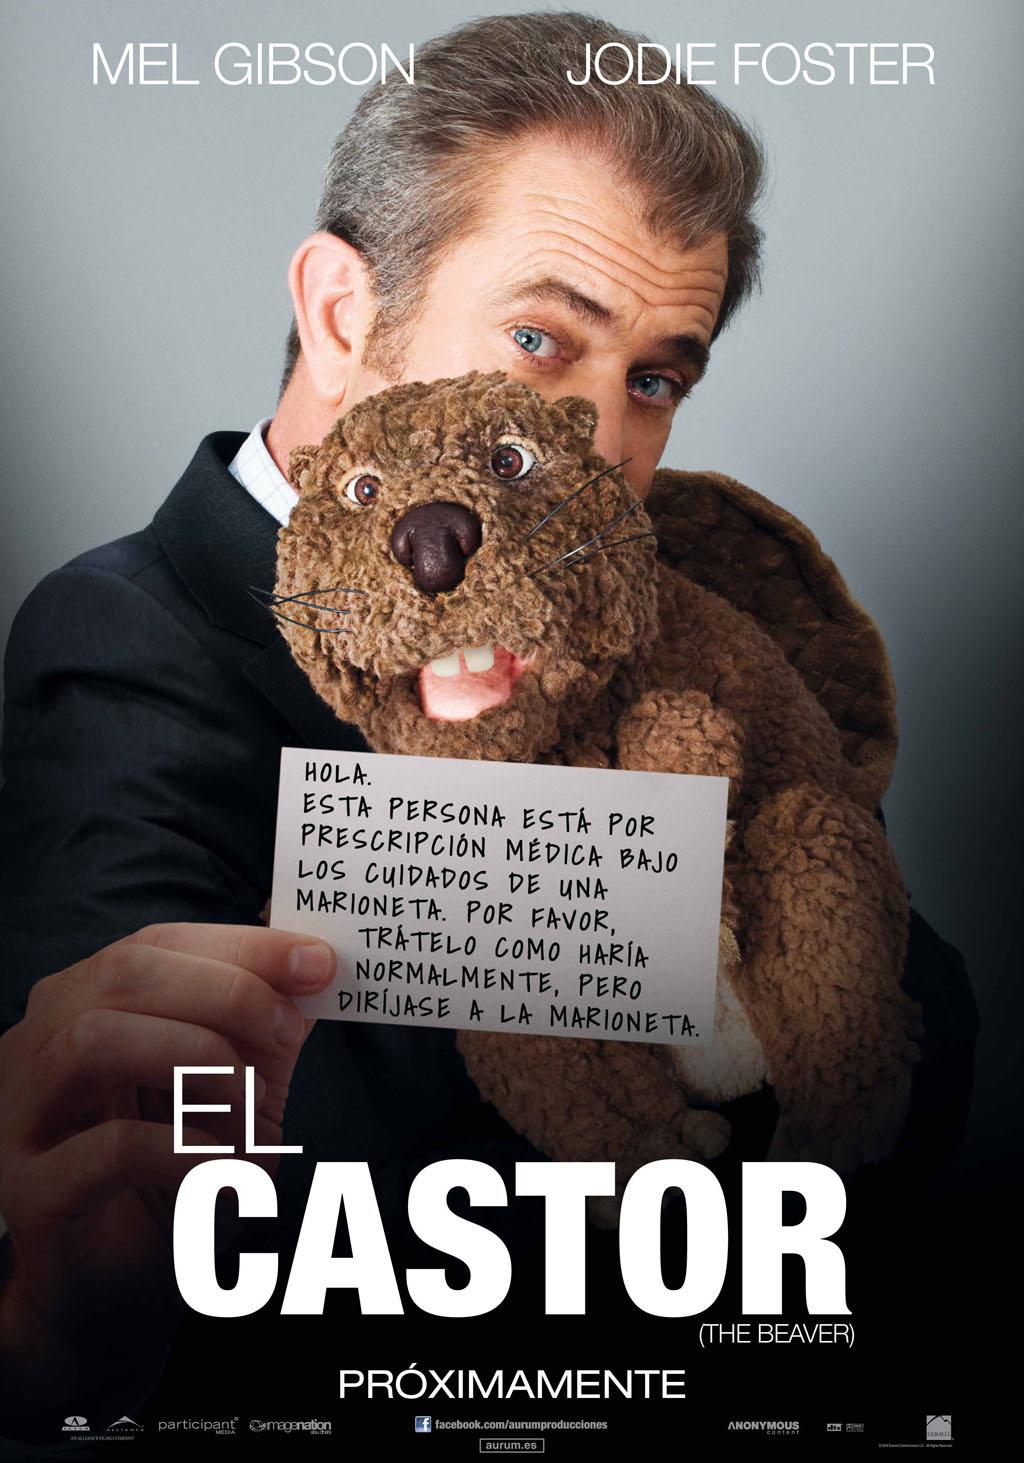 http://2.bp.blogspot.com/-BZ1rAha07zg/TfKttMexHdI/AAAAAAAAAwM/FfrHWjGOKxw/s1600/El_Castor-Cartel.jpg